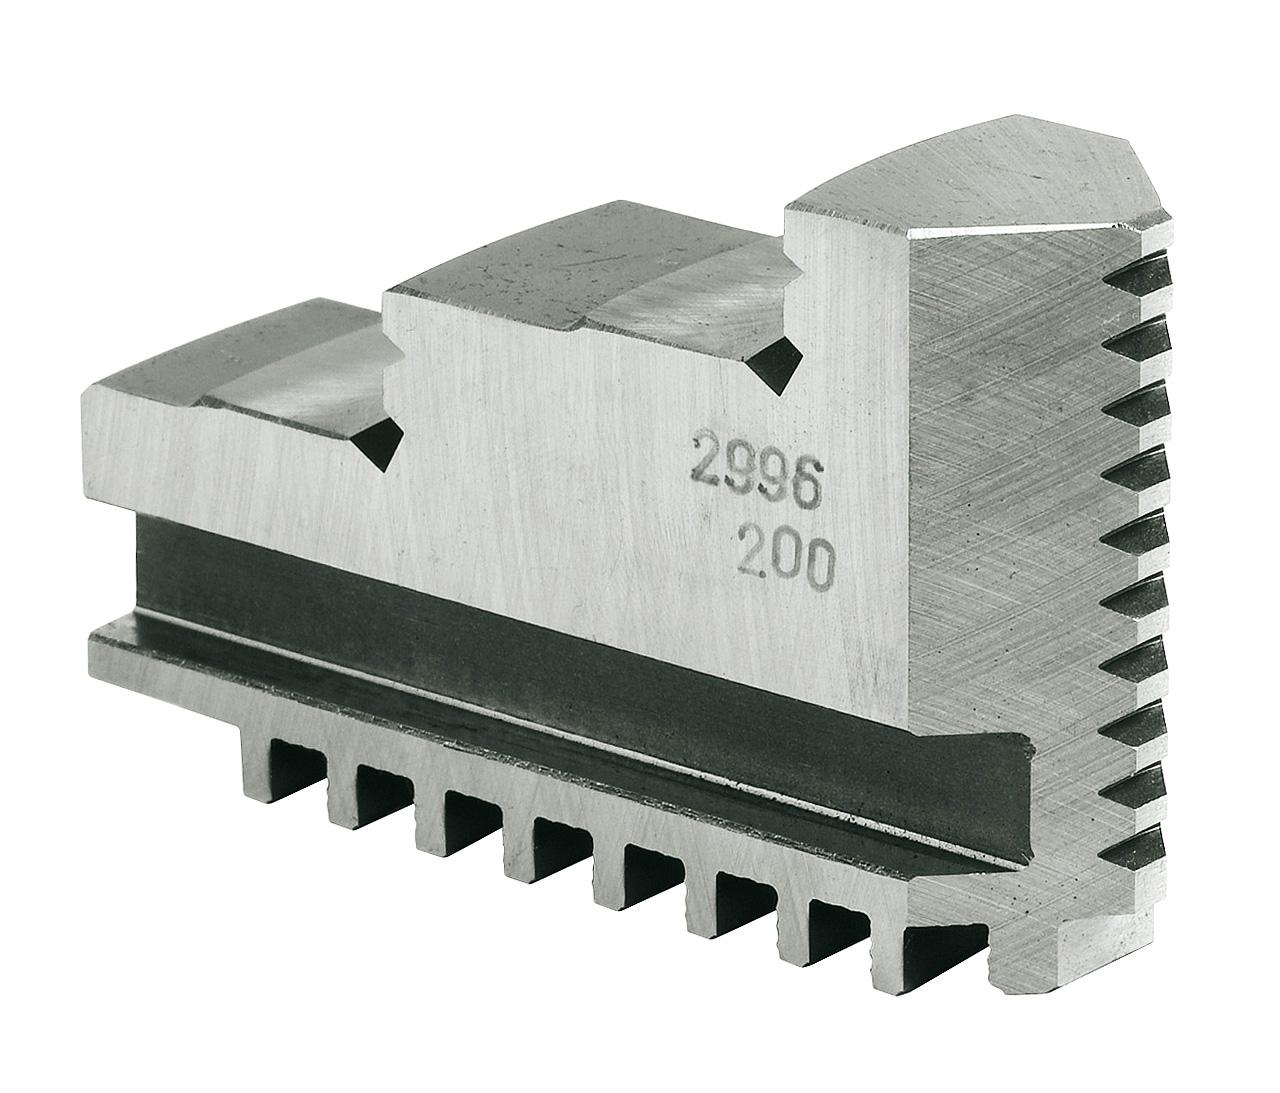 Szczęki jednolite twarde zewnętrzne - komplet DOJ-DK11-80 BERNARDO